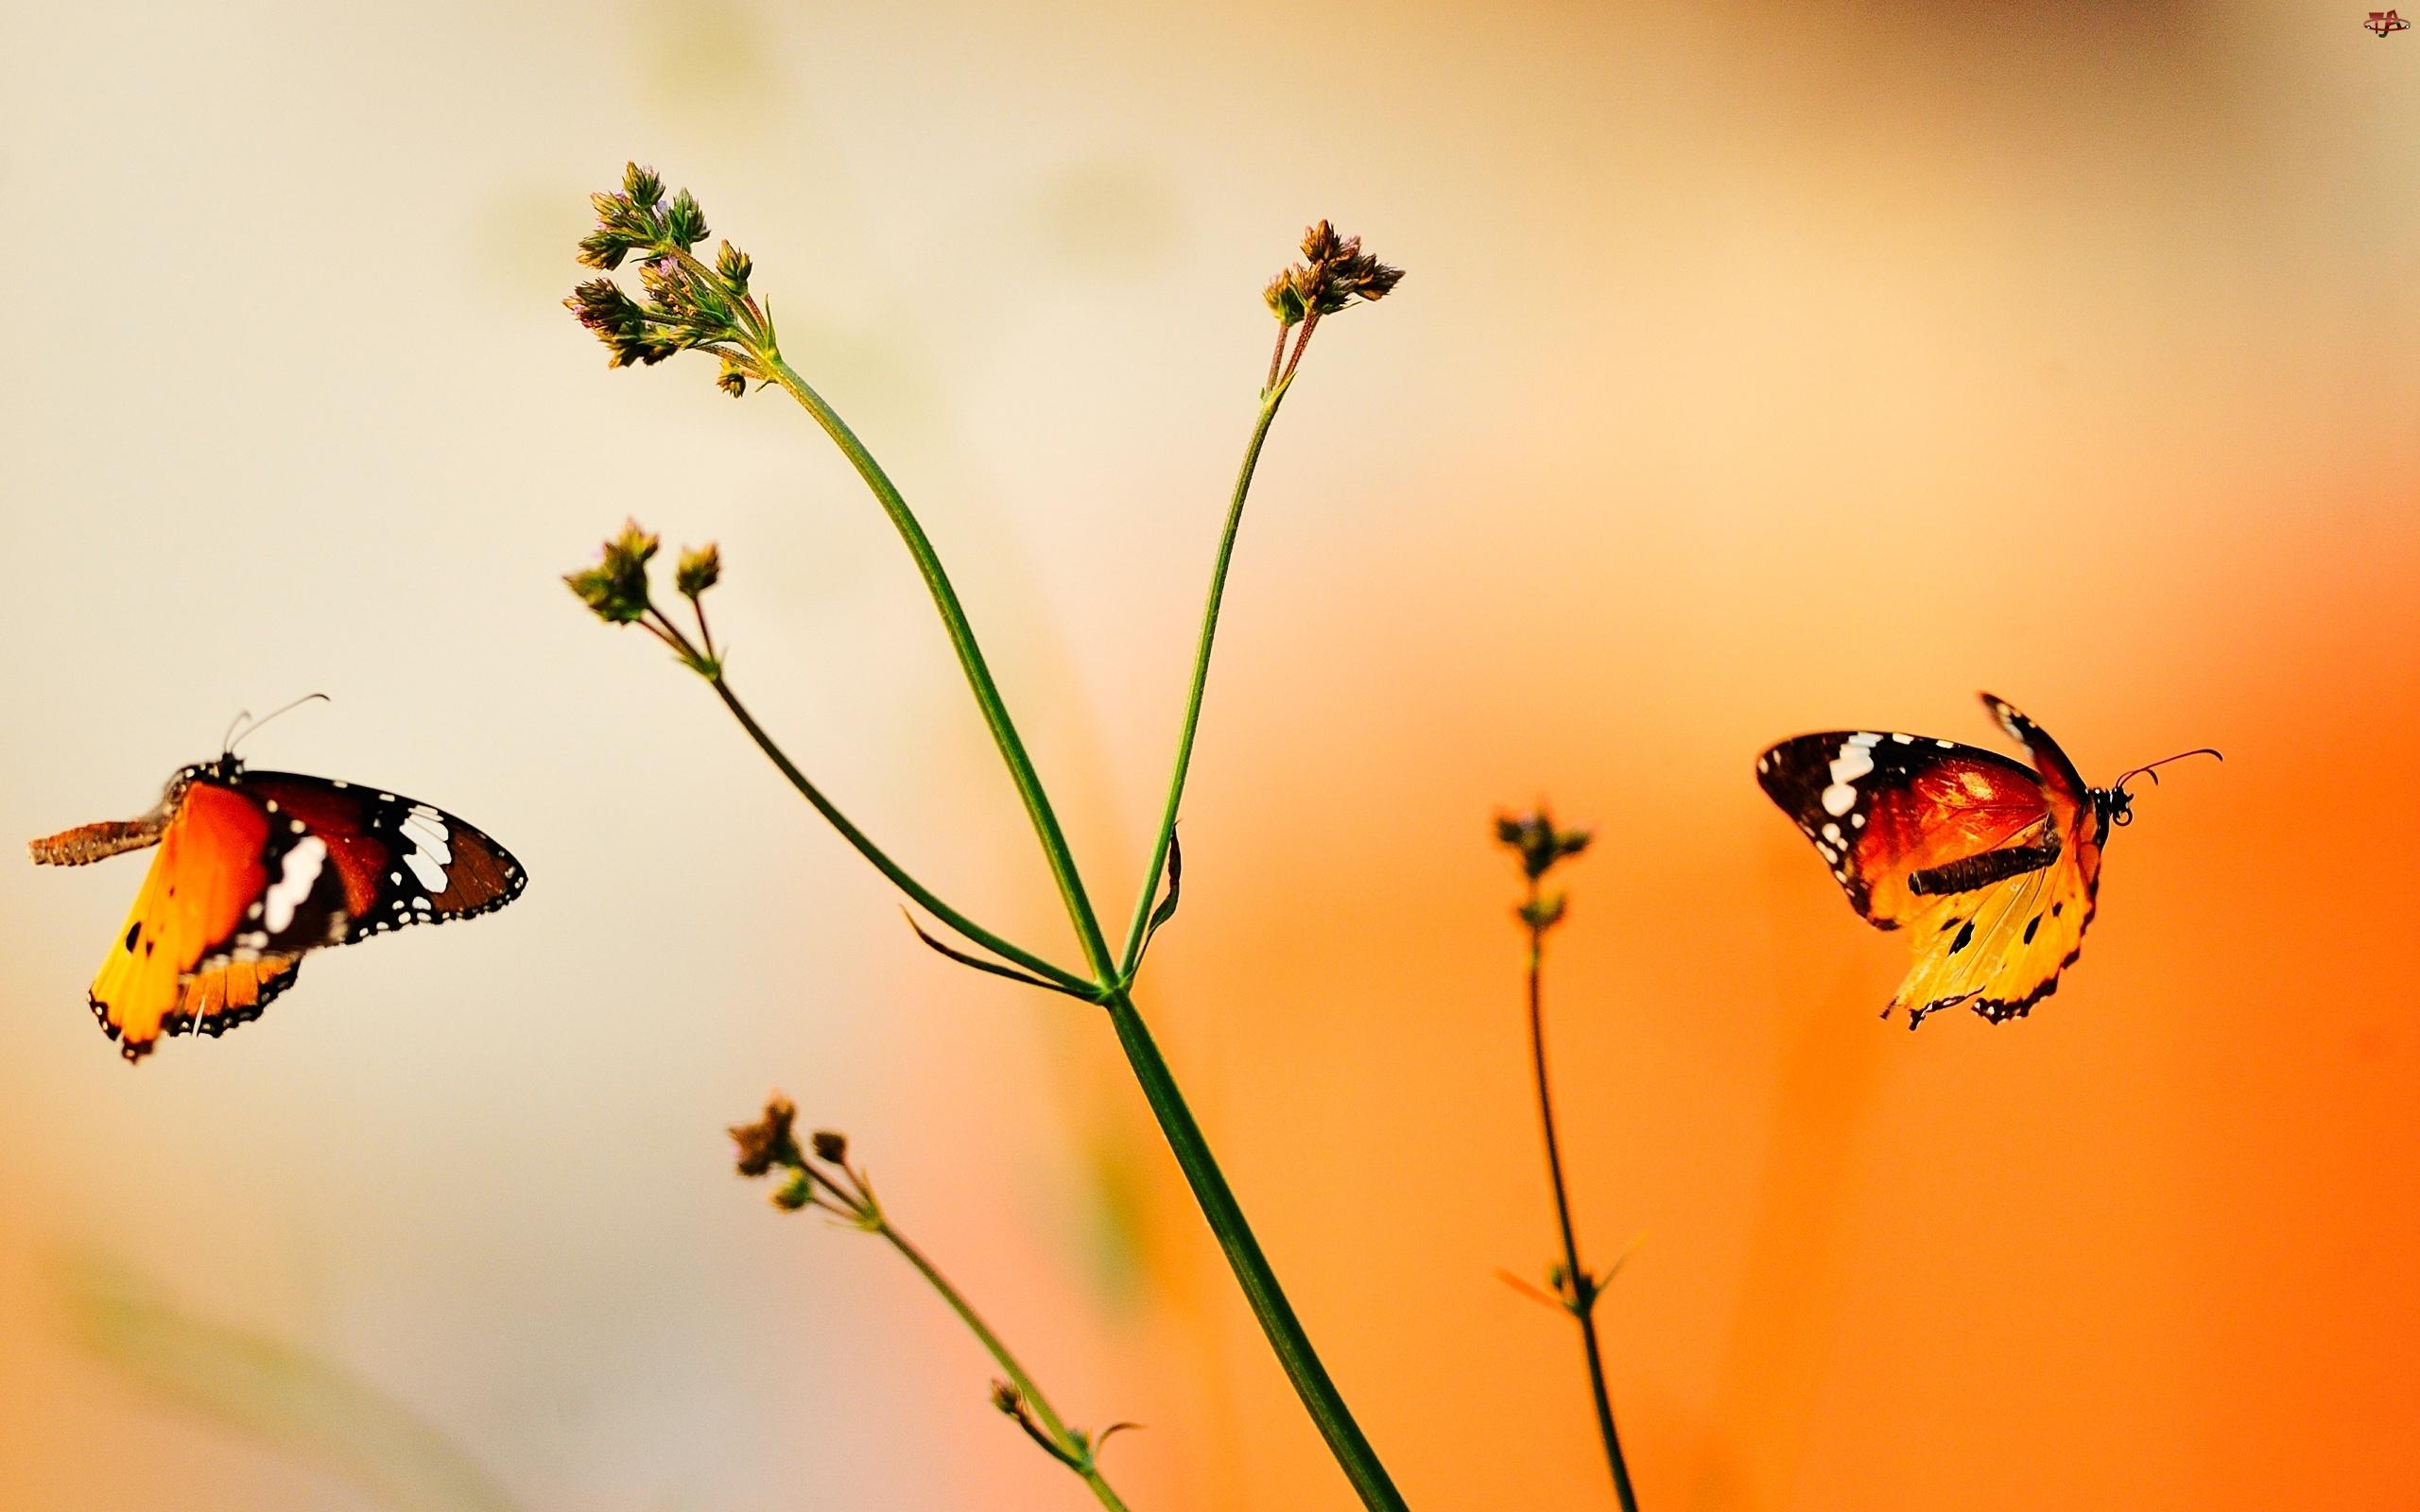 Dwa, Kolor, Motyle, Pomarańczowy